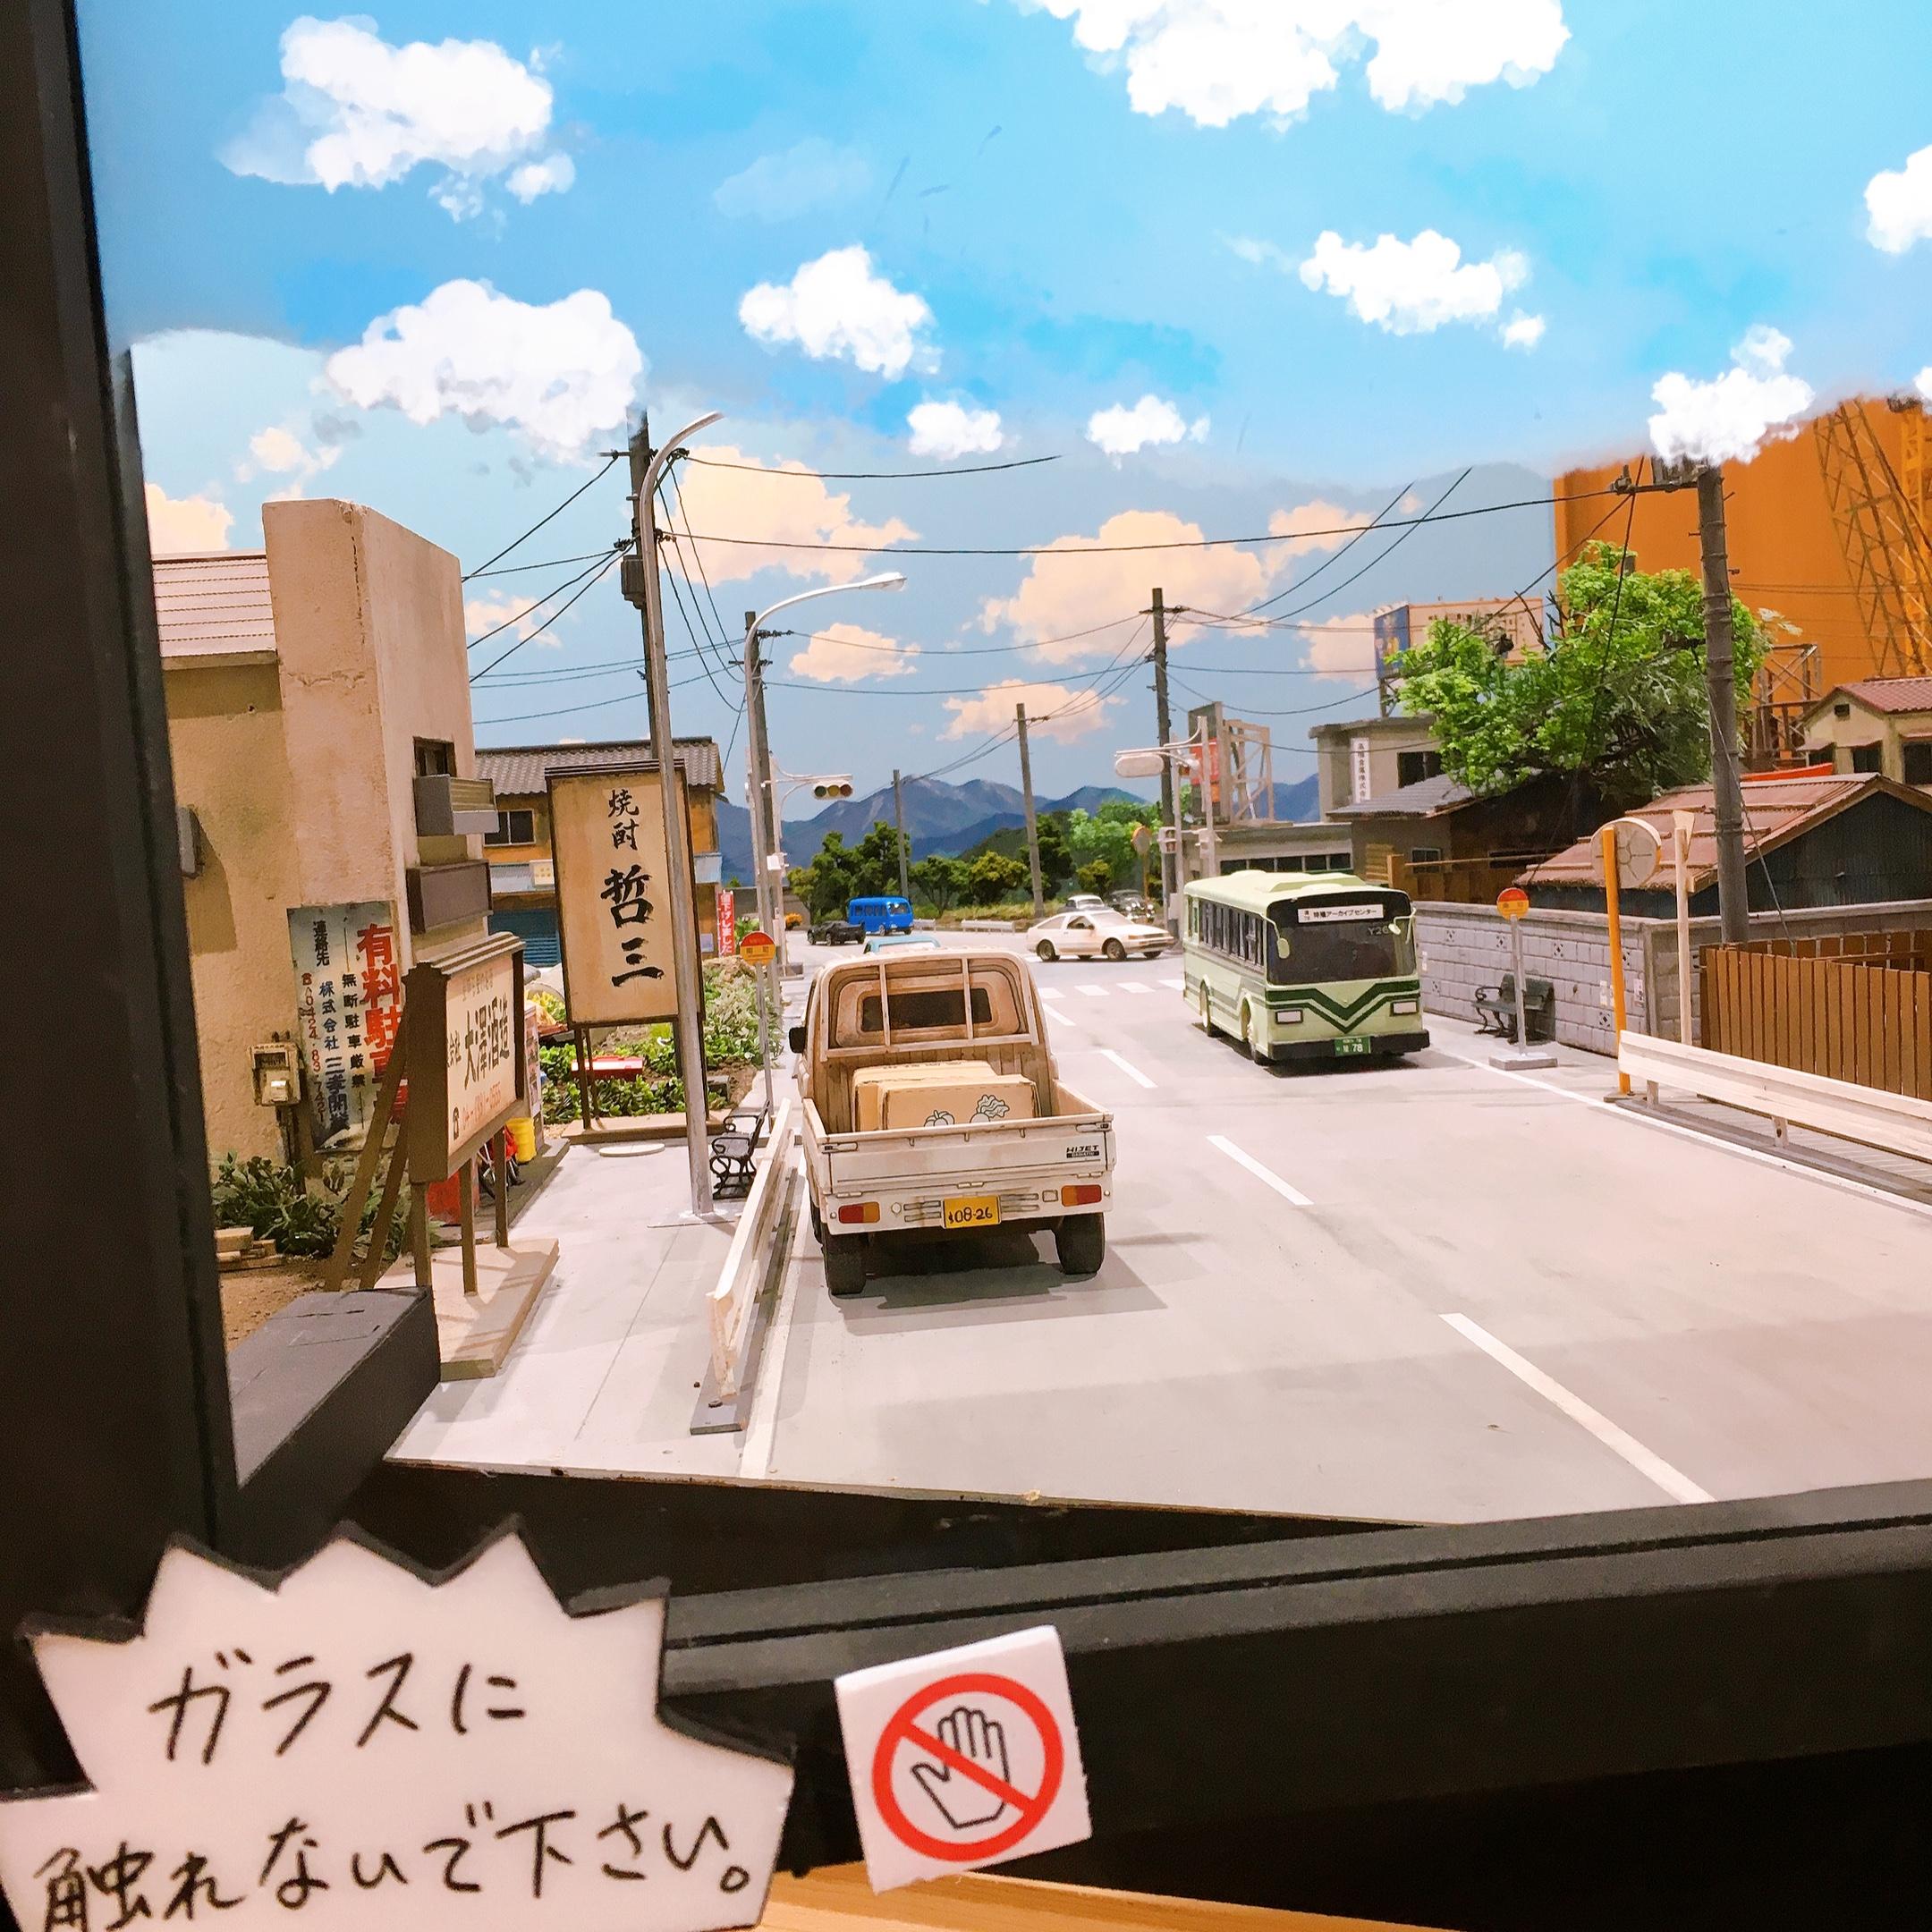 須賀川 市 コロナ 須賀川市雑談掲示板 ローカルクチコミ爆サイ.com東北版